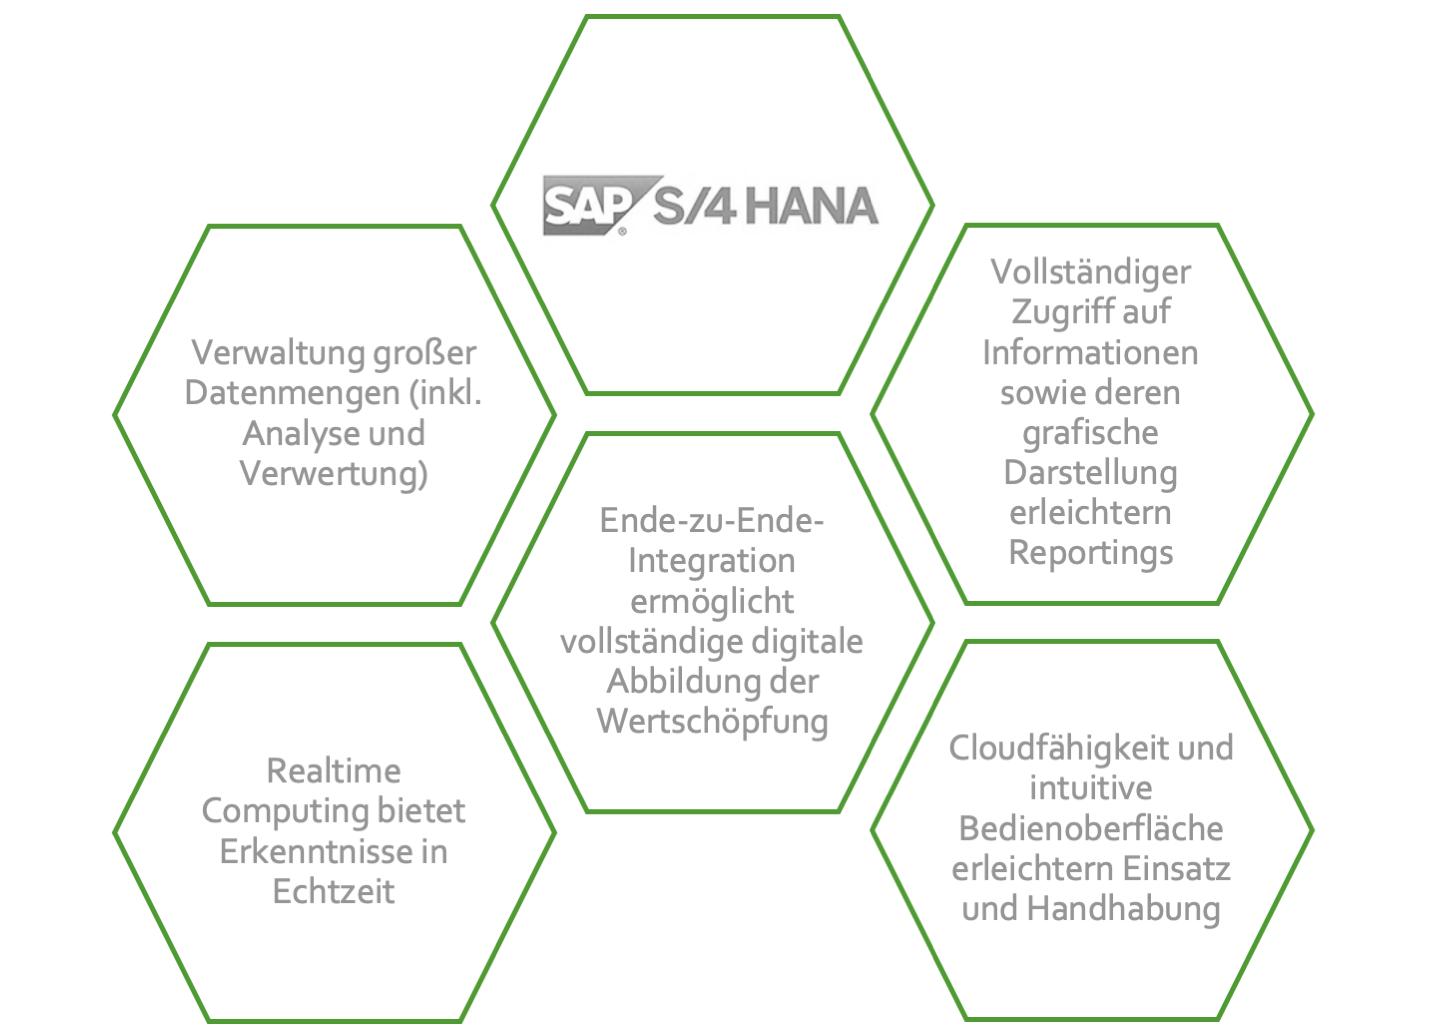 Datenmigration zu SAP S/4 HANA – Die Funktionen des ERP-Systems